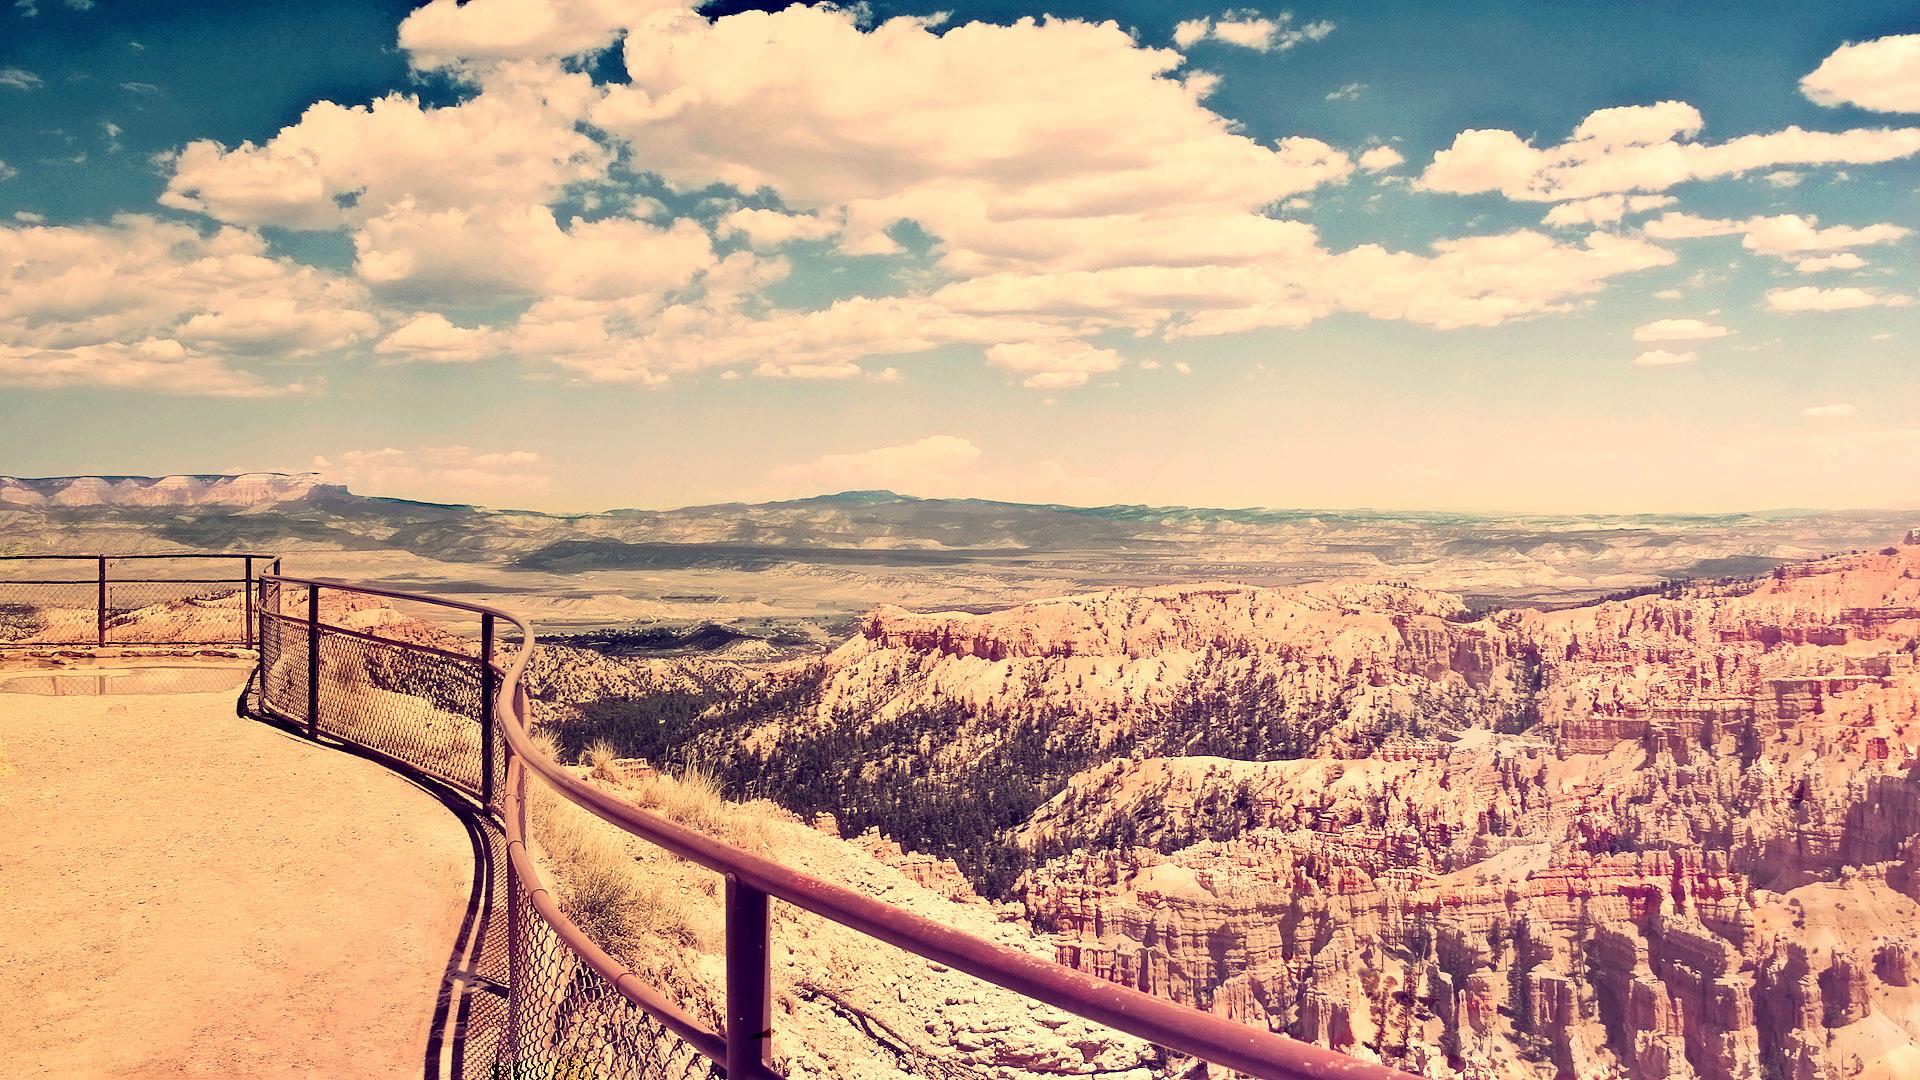 18689 скачать обои Пейзаж, Небо, Горы, Облака - заставки и картинки бесплатно